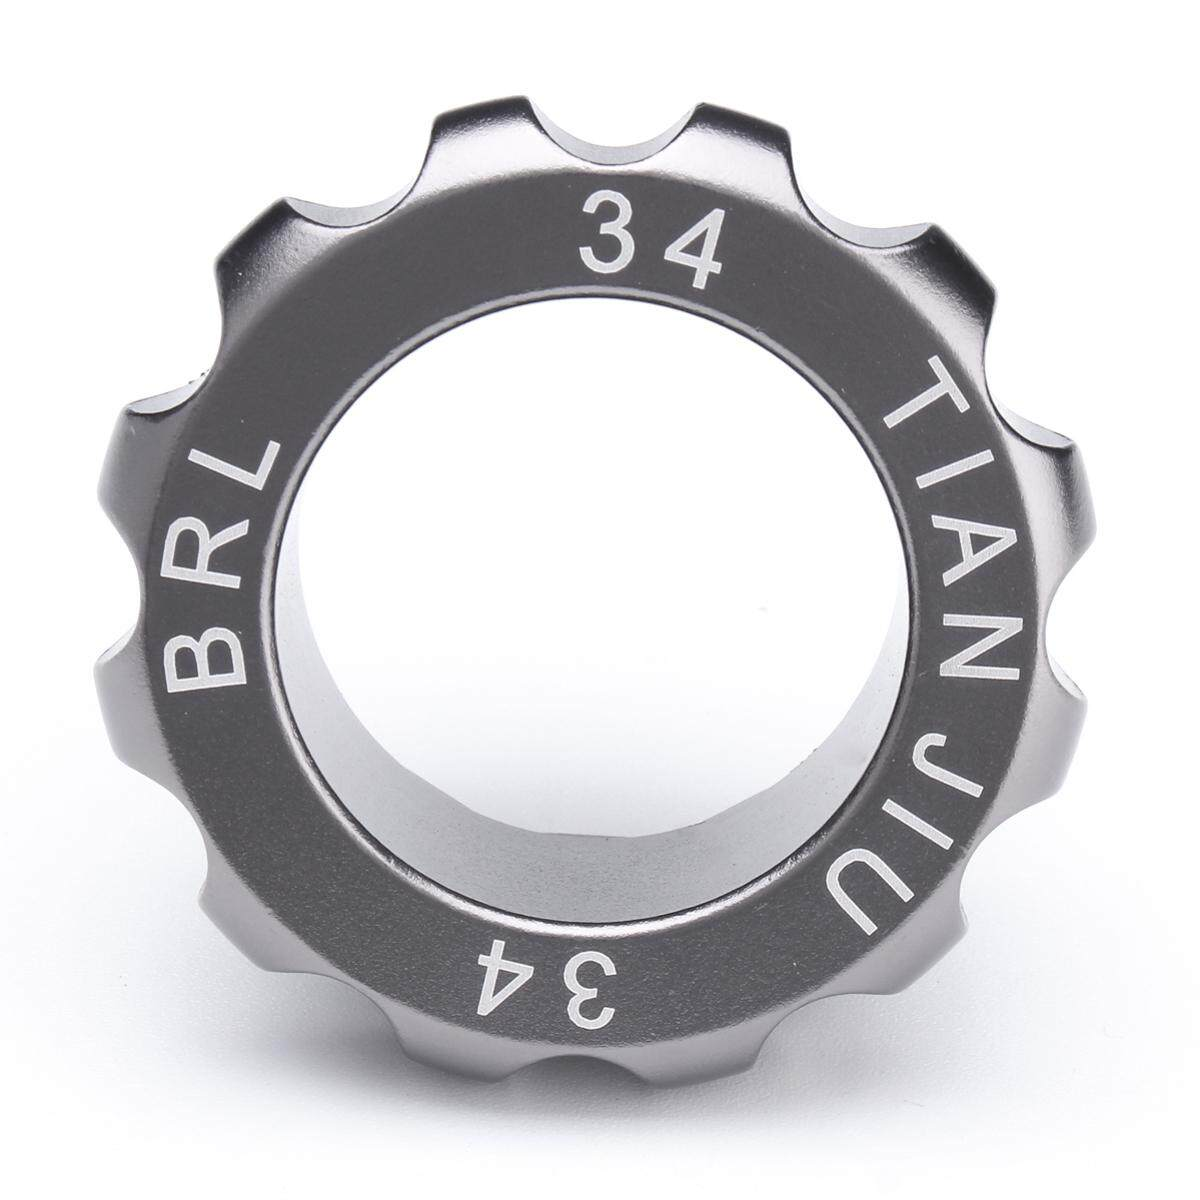 Kasus Alat Sekrup Pembuka Cover Remover untuk Menonton Breitling 34/35 Mm 36 Mm 38 Mm 【34mm】-Intl